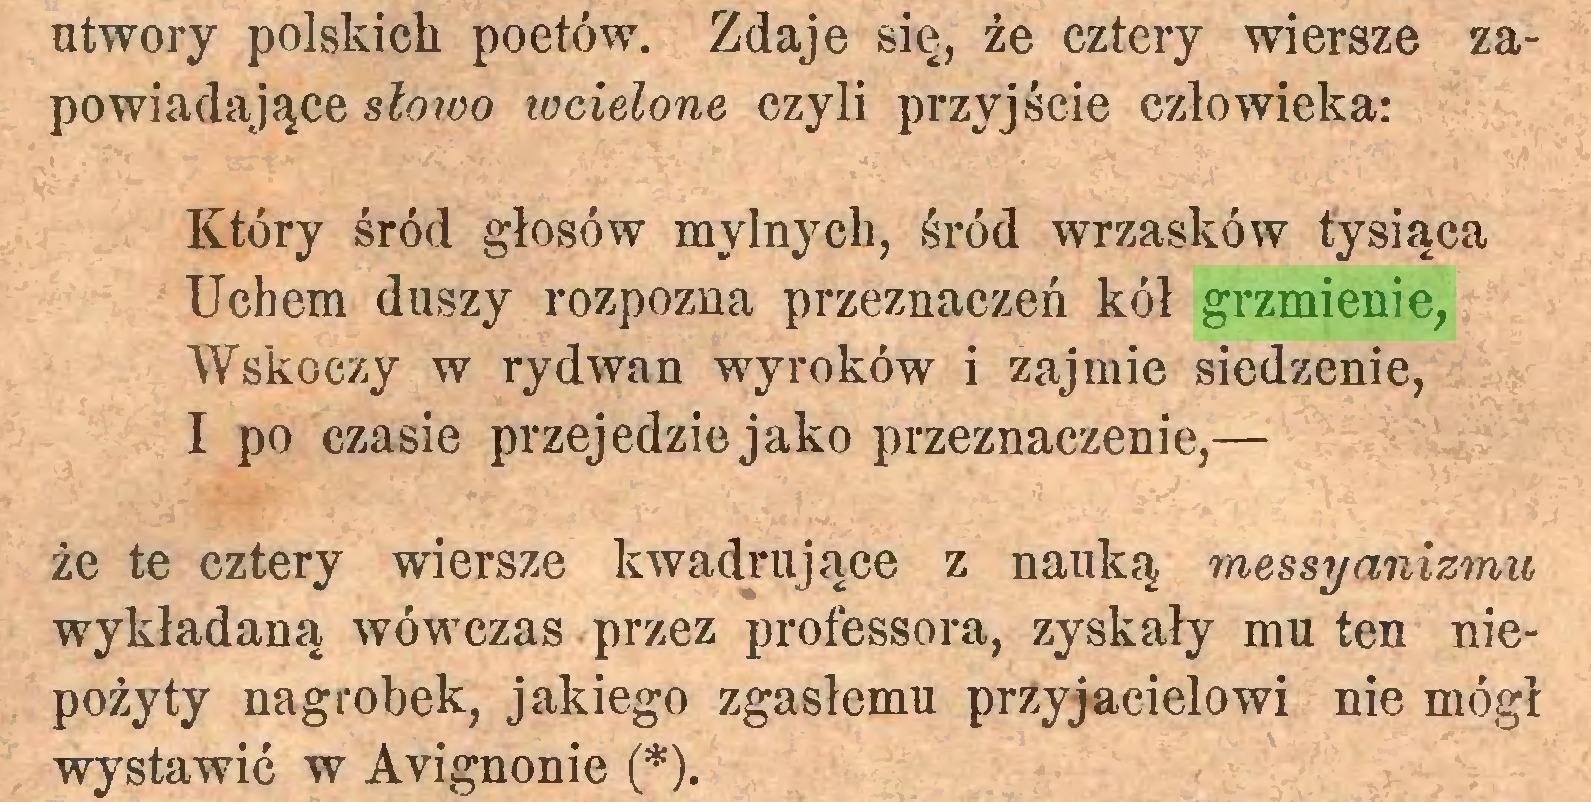 (...) utwory polskich poetów. Zdaje się, źe cztery wiersze zapowiadające słoioo wcielone czyli przyjście człowieka: Który śród głosów mylnych, śród wrzasków tysiąca Uchem duszy rozpozna przeznaczeń kół grzmienie, Wskoczy w rydwan wyroków i zajmie siedzenie, I po czasie przejedzie jako przeznaczenie,— że te cztery wiersze kwadrujące z nauką messyanizmu wykładaną wówczas przez professera, zyskały mu ten niepożyty nagrobek, jakiego zgasłemu przyjacielowi nie mógł wystawić w Avignonie (*)...